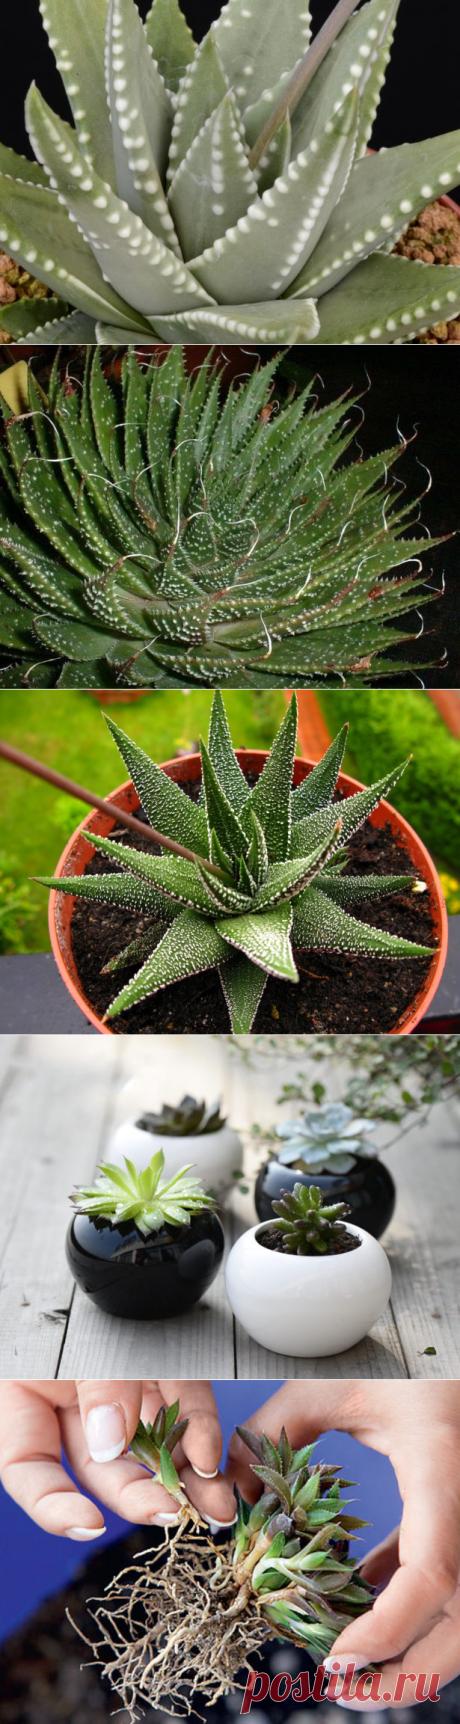 Хавортия: виды цветка, уход и размножение в домашних условиях + фото и видео